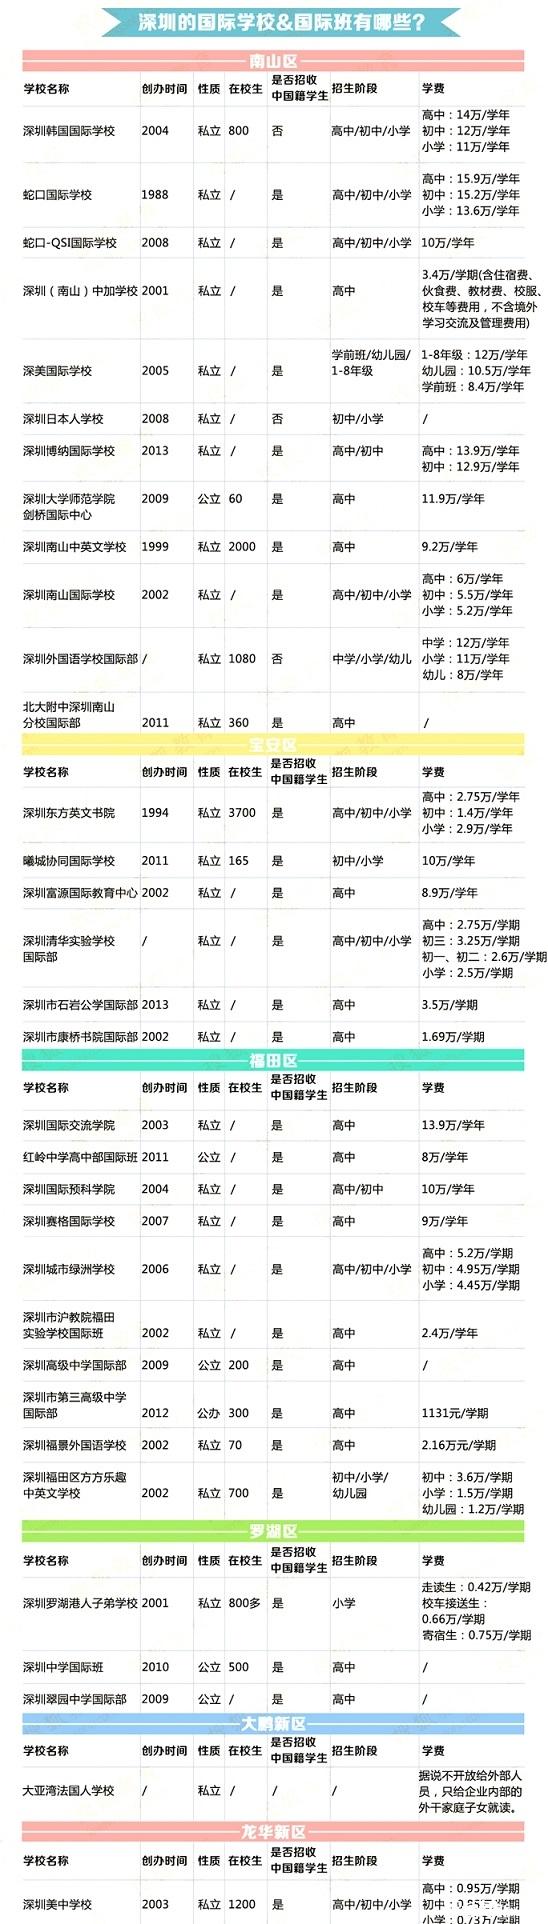 深圳国际学校大盘点 - 副本.jpg